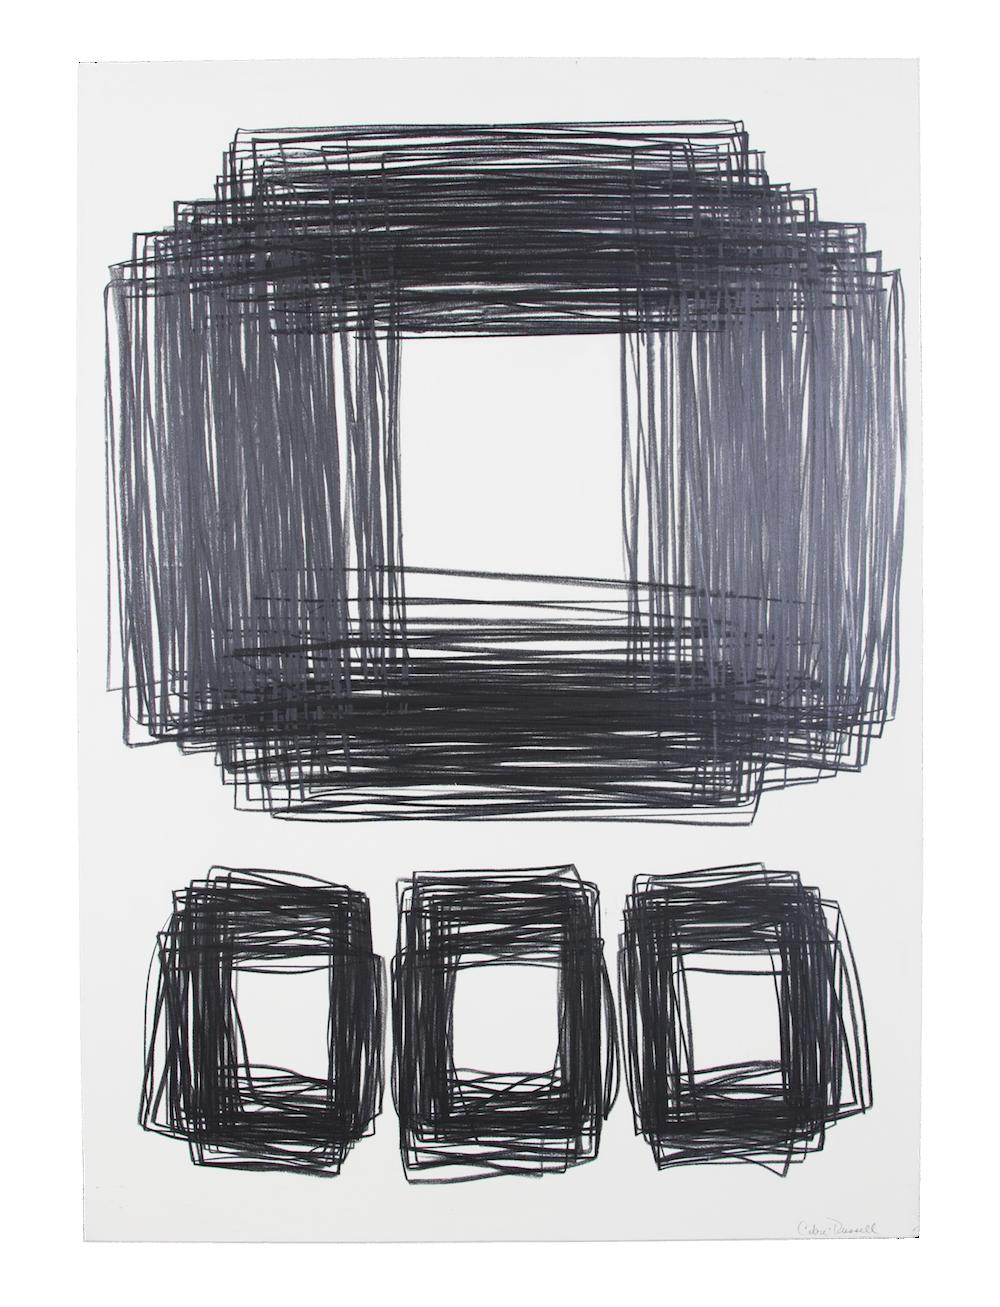 taiyo-2_drawing_CobieRussell